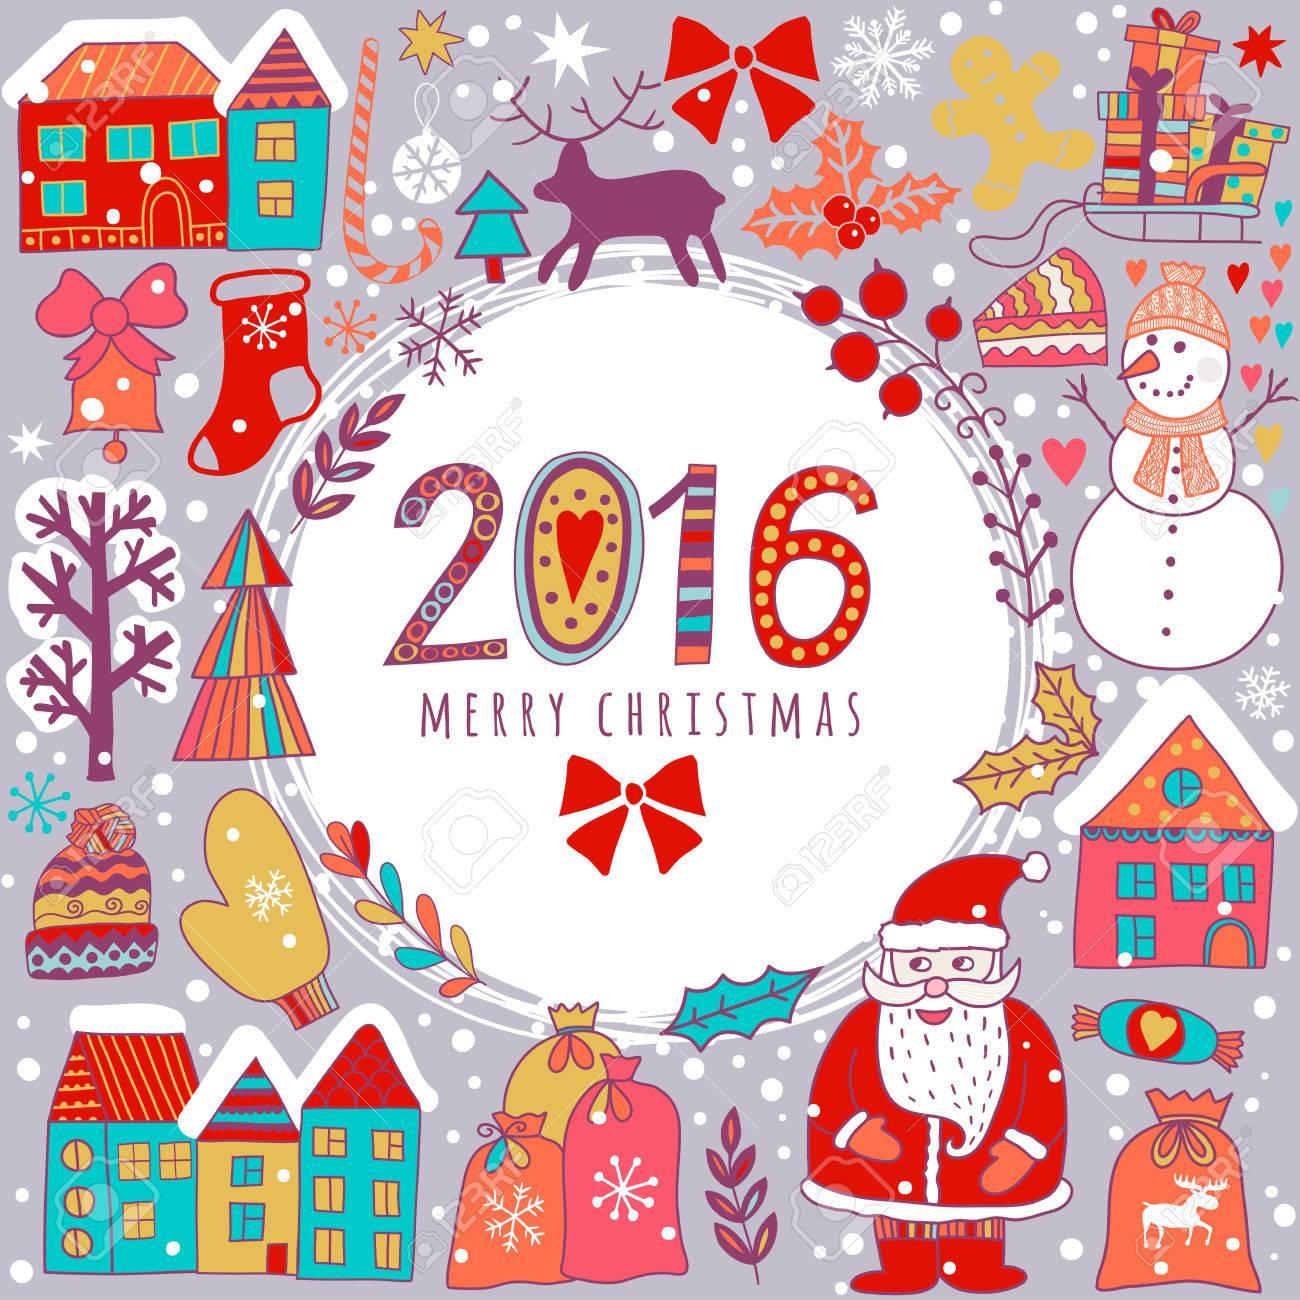 Weihnachts-Grußkarte Vorlage, Vektor Frohe Weihnachten. Winterurlaub ...